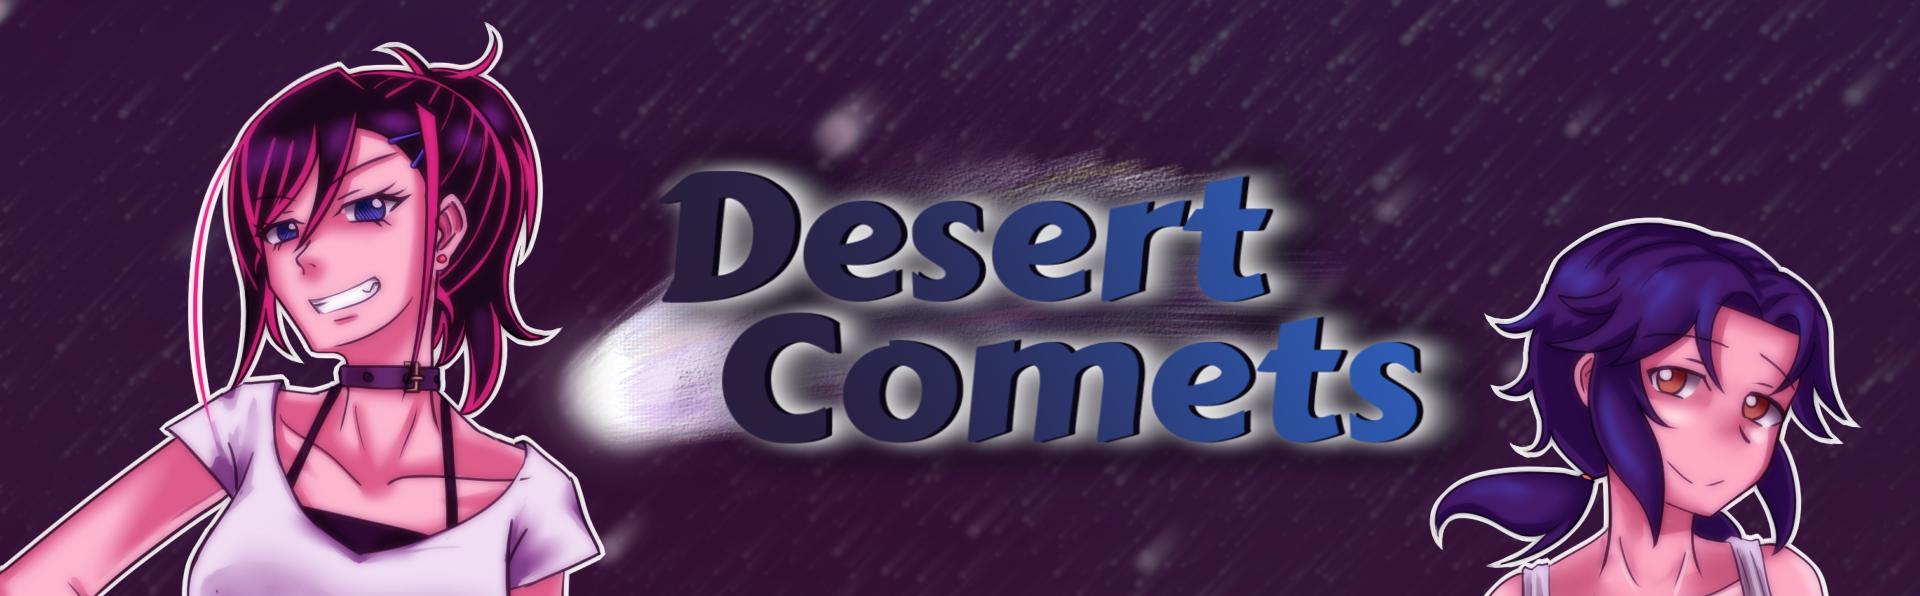 Desert Comets